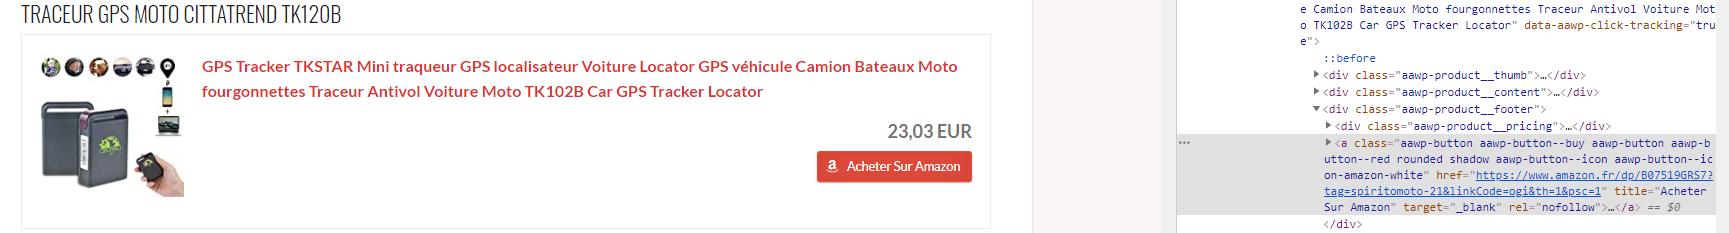 Un lien affilié Amazon depuis un site comparatif de traceurs gps moto